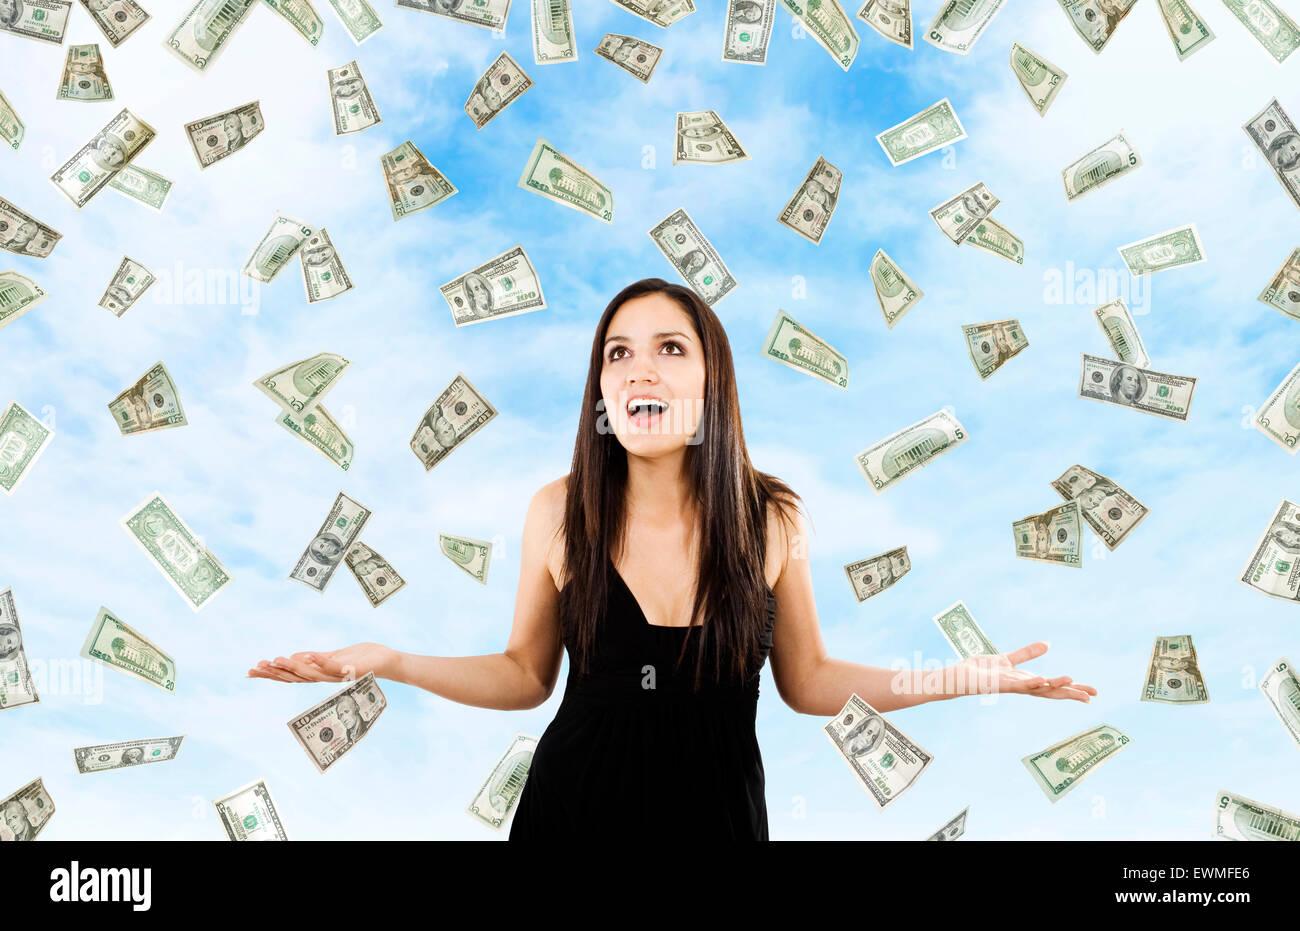 Bild der Frau, die mit offenen Armen inmitten fallenden Geld Stockfoto